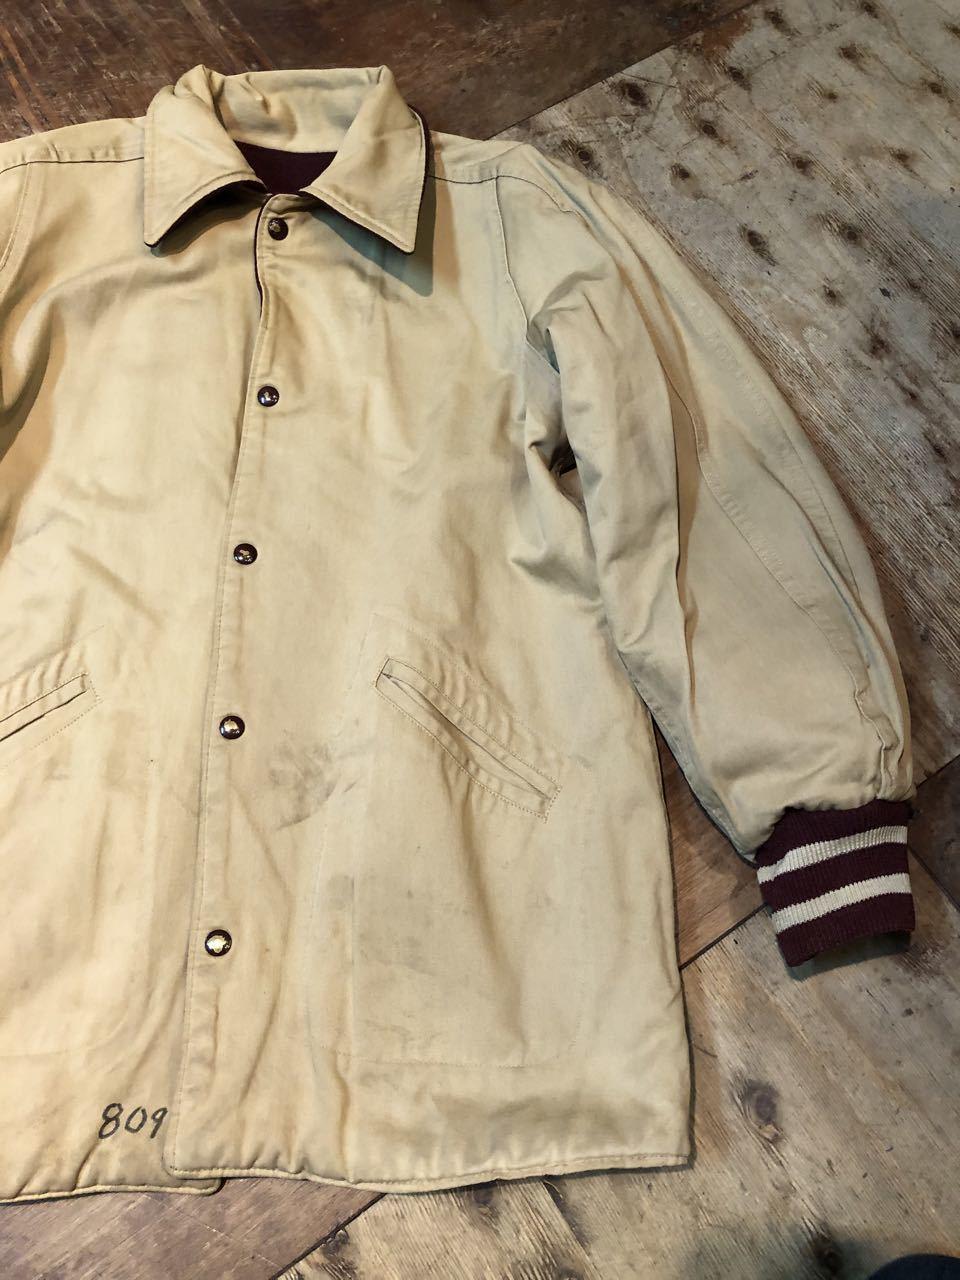 12月27日(金)入荷!60s リバーシブル パチポケ Varsity Jacket!! スタジャン!_c0144020_13322218.jpg